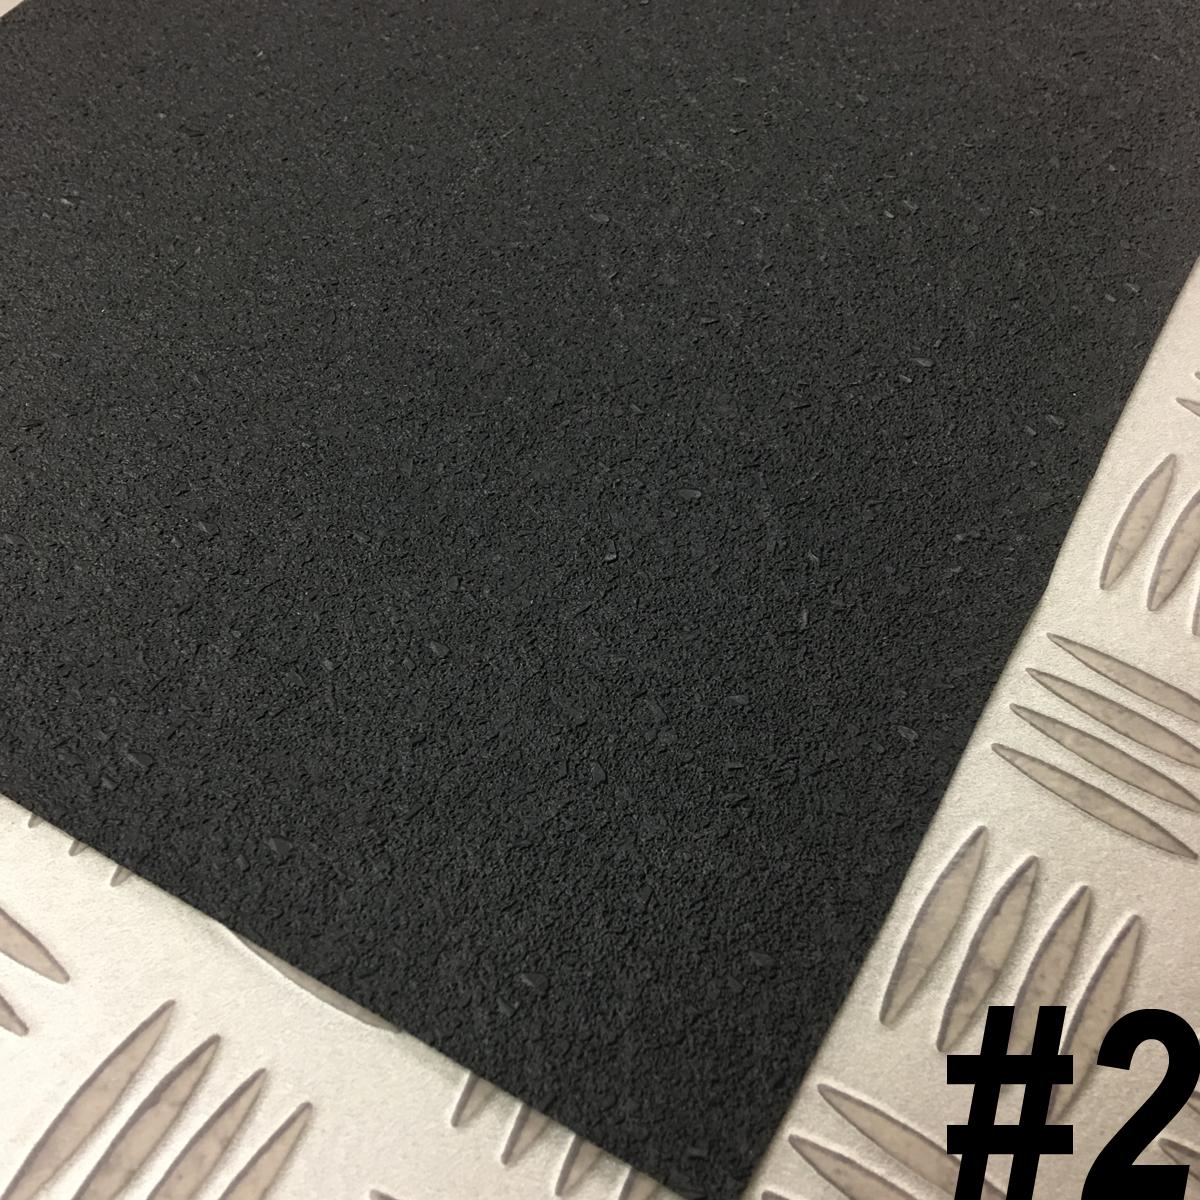 【黒部屋シリーズ】黒色壁紙クロス4種ブラックウォールペーパー_画像4